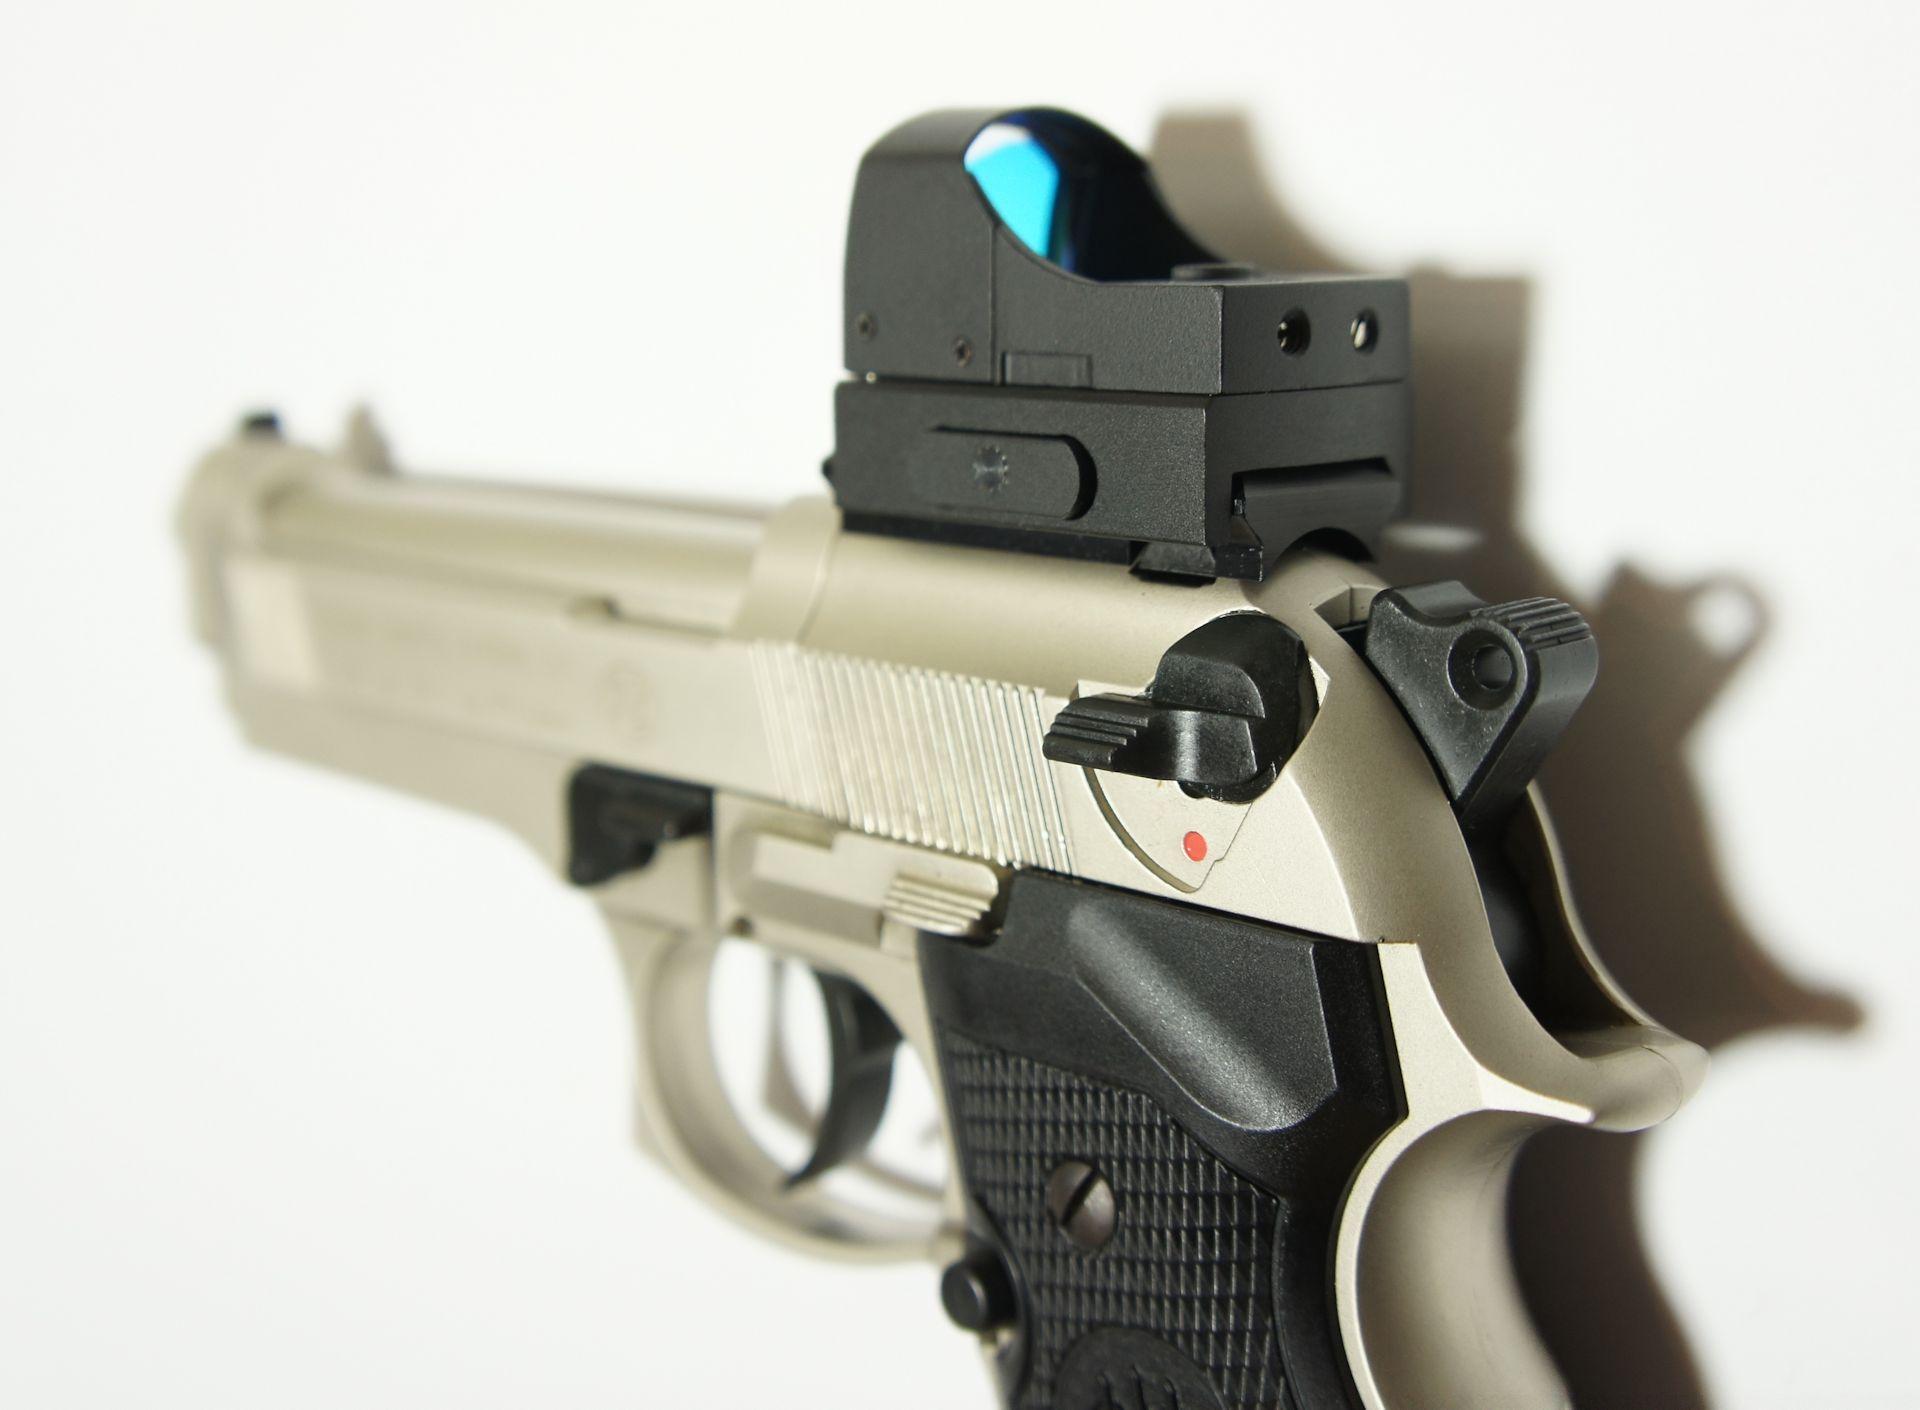 Montagebeispiel auf <a href=1050021.htm> CO2- Pistole Beretta</a>   mit <a href=1130222-21.htm> Reflexvisier 1x22 Sight III  </a>